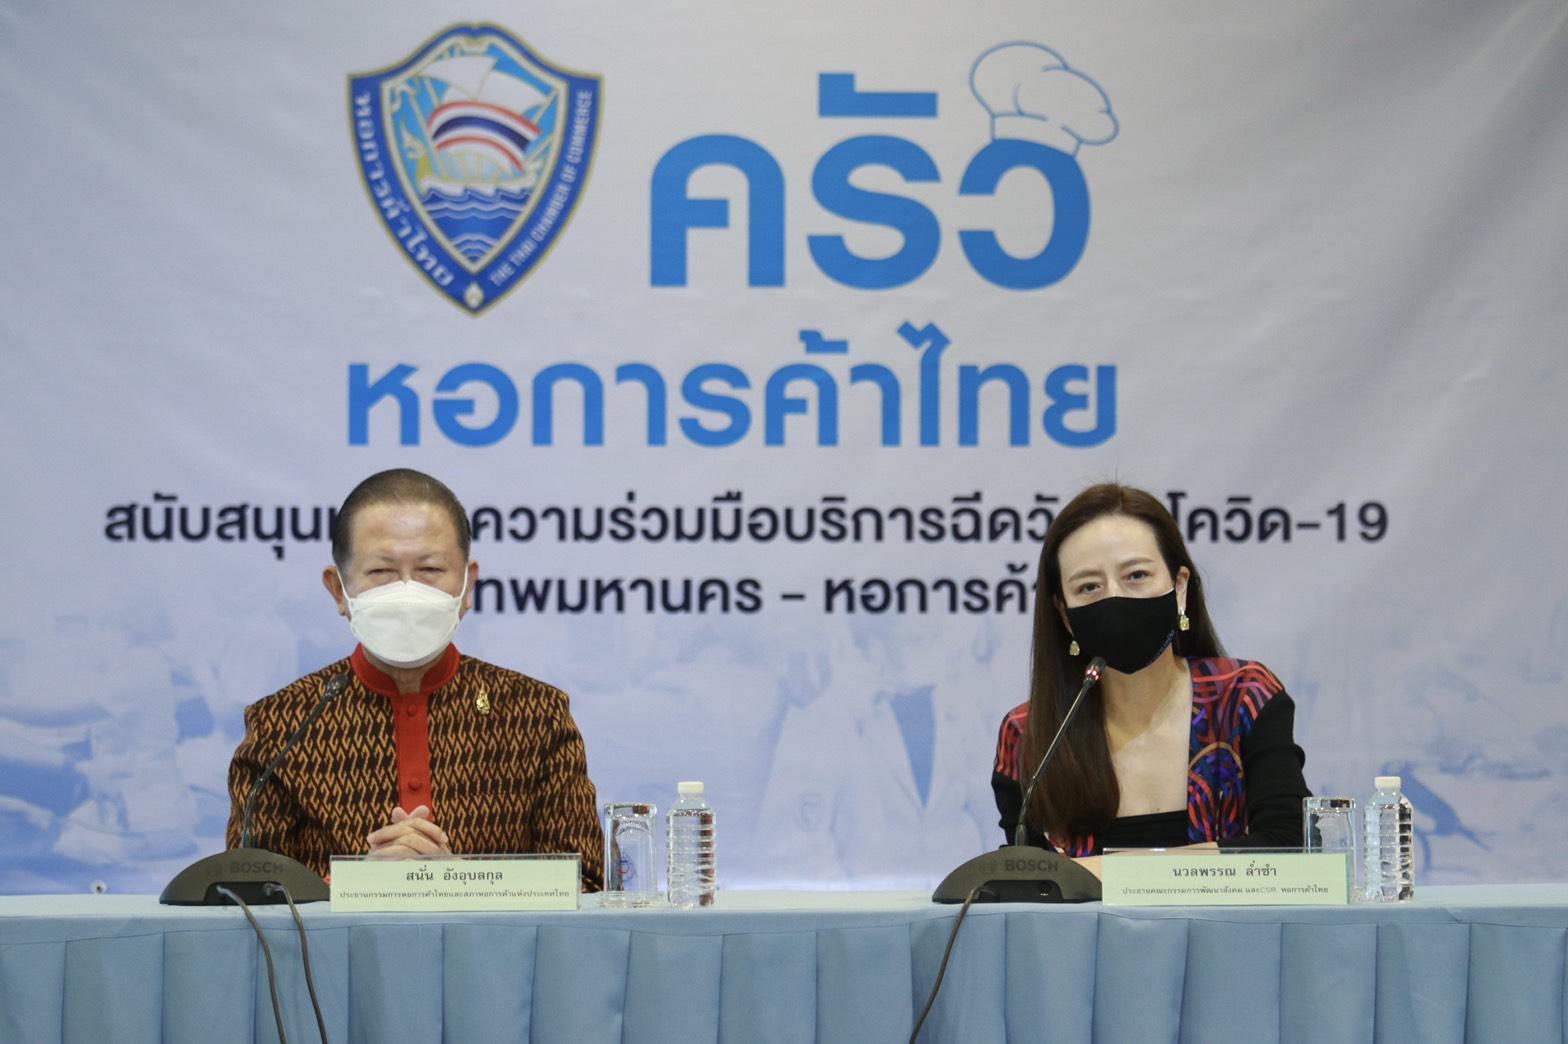 หอการค้าไทย และสภาหอการค้าแห่งประเทศไทย เปิดครัวหอการค้าไทย รวมใจเพื่อบุคลากรทางการแพทย์ เจ้าหน้าที่และอาสาสมัคร